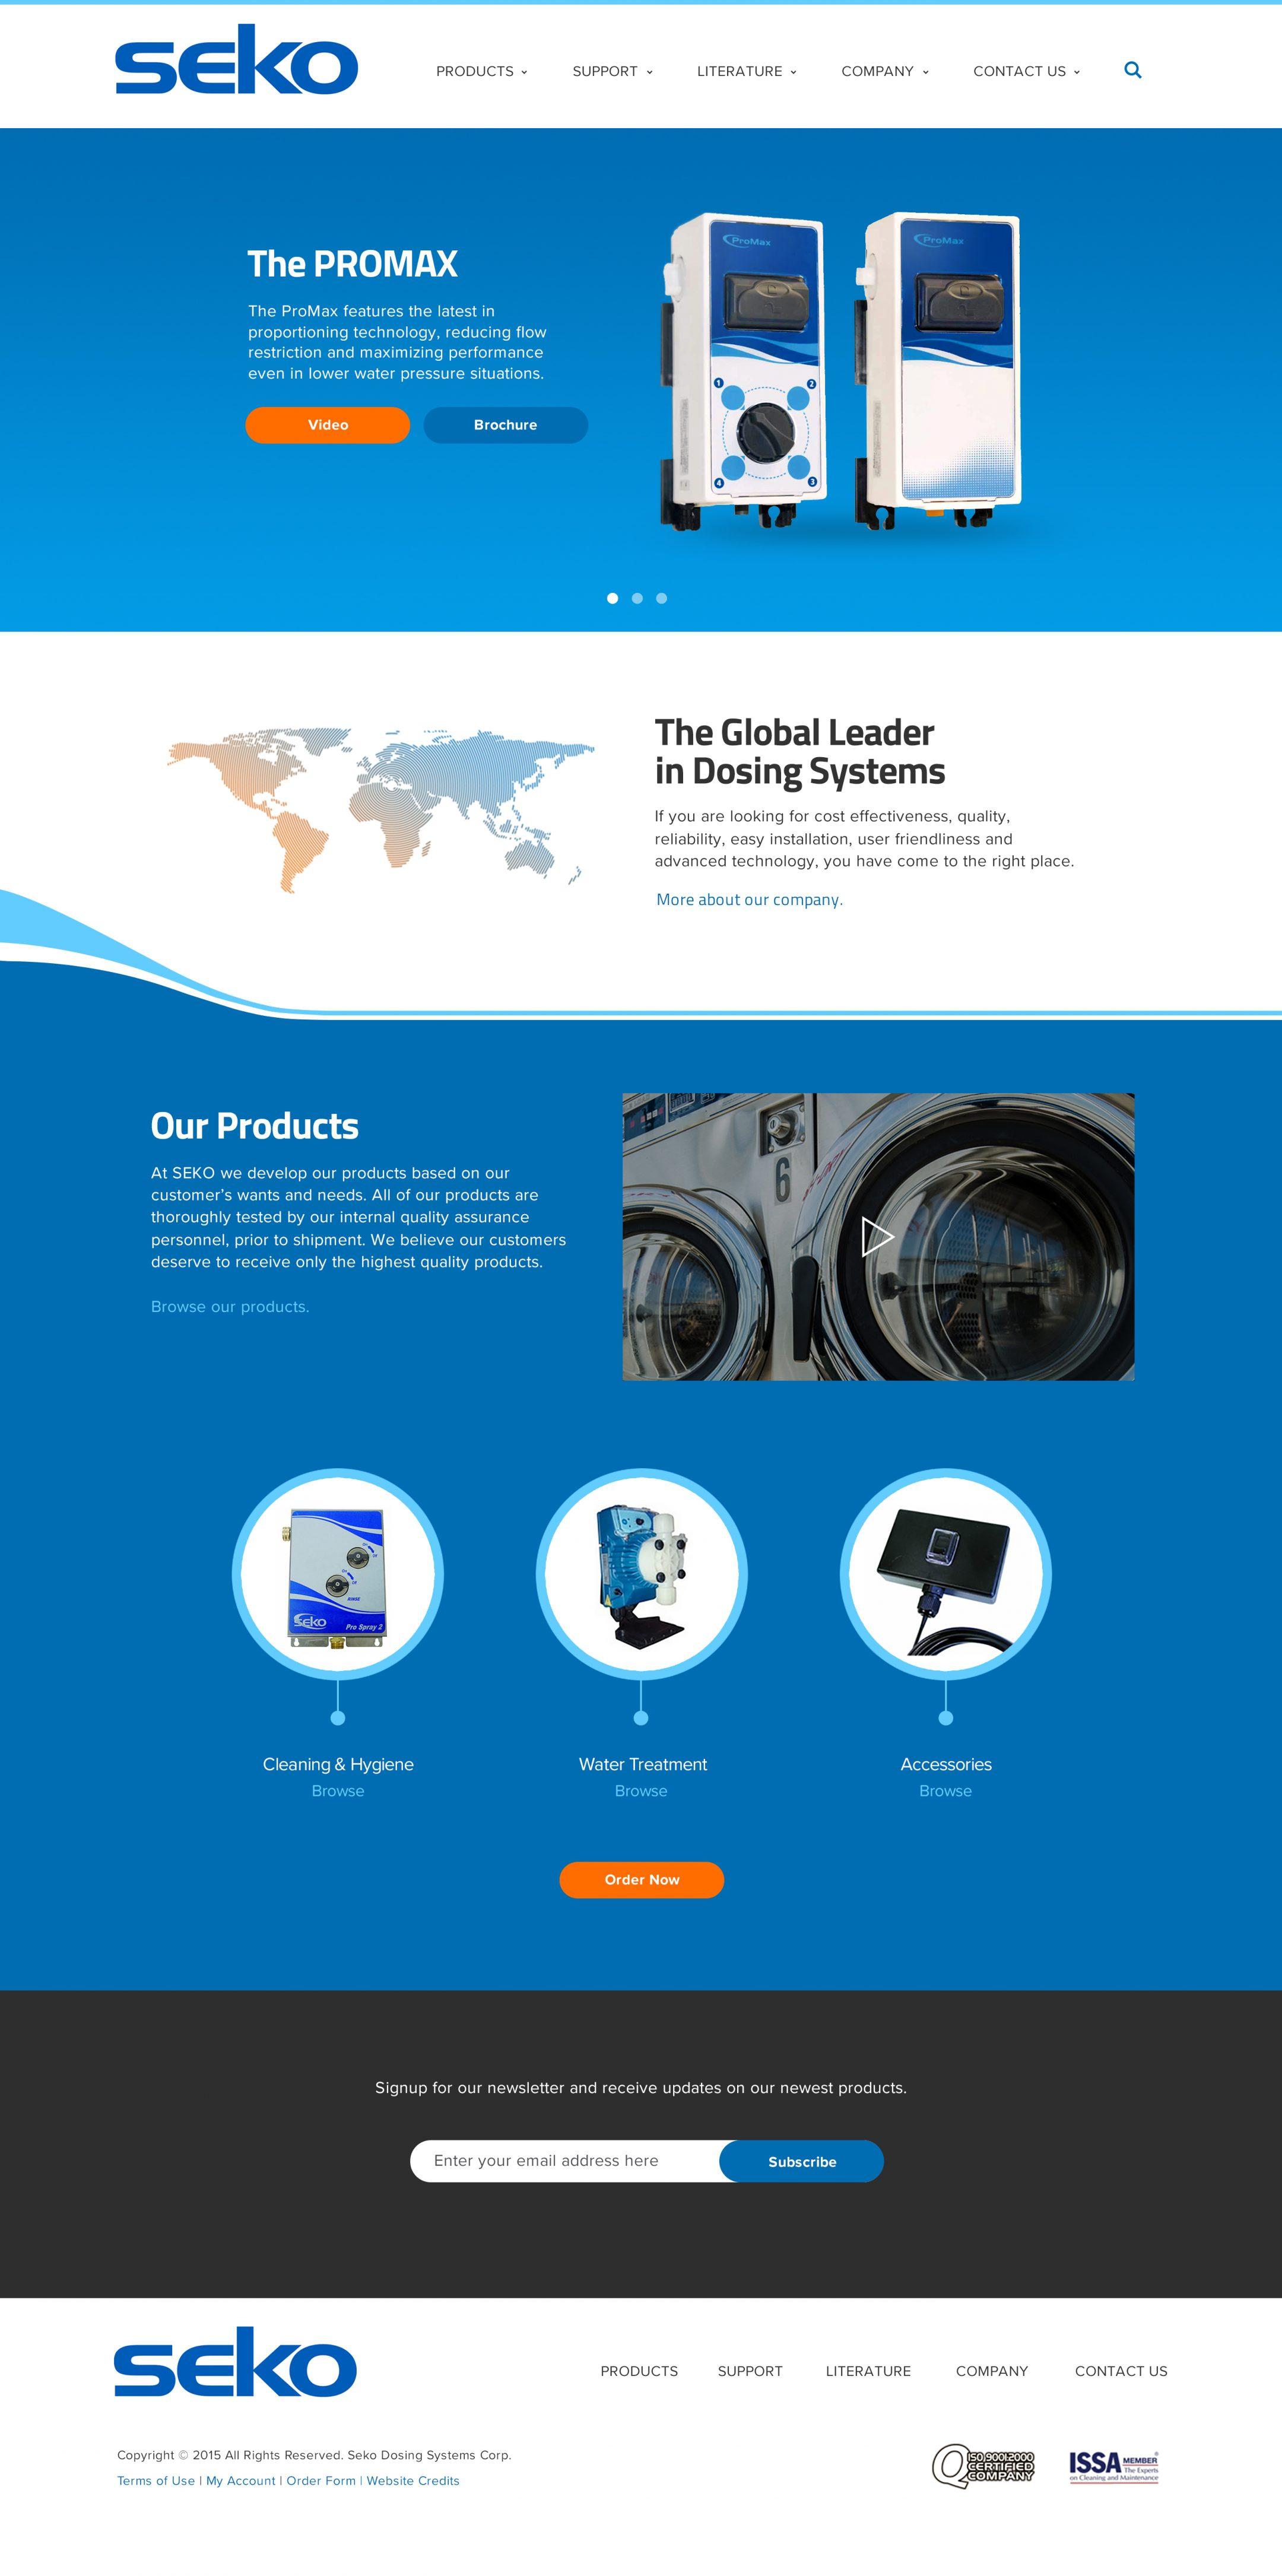 sekousa.com home page